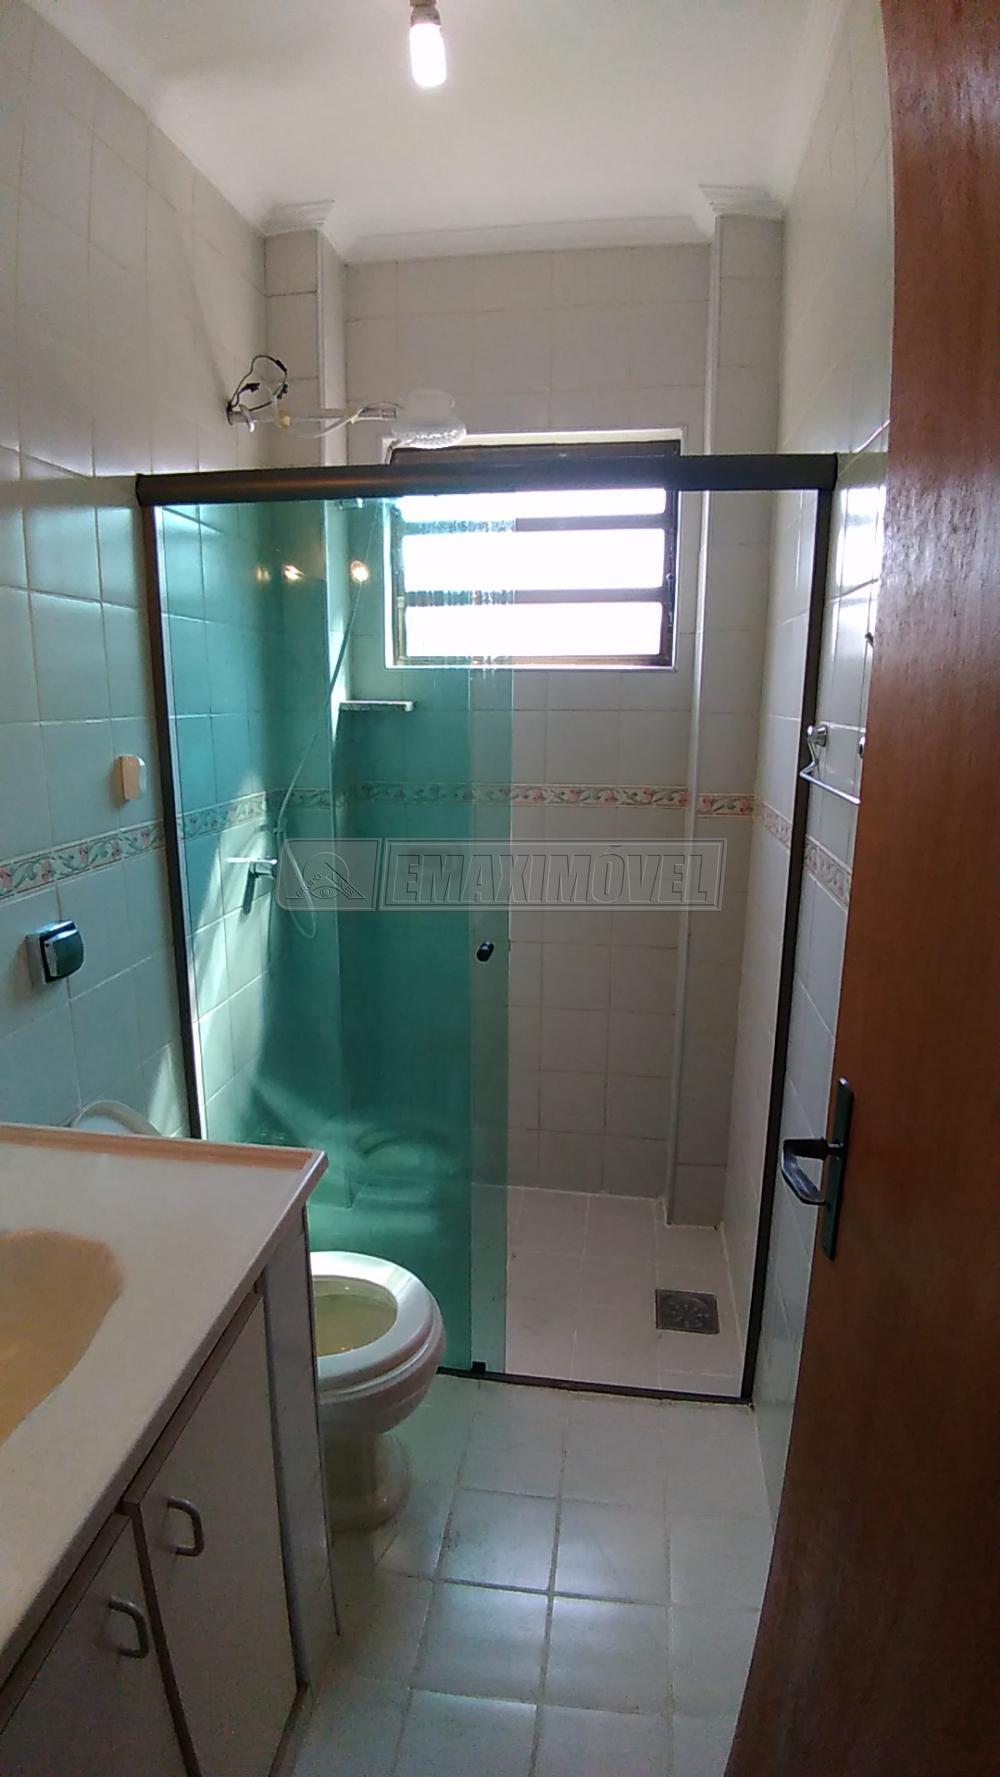 Alugar Apartamentos / Apto Padrão em Sorocaba R$ 1.250,00 - Foto 22